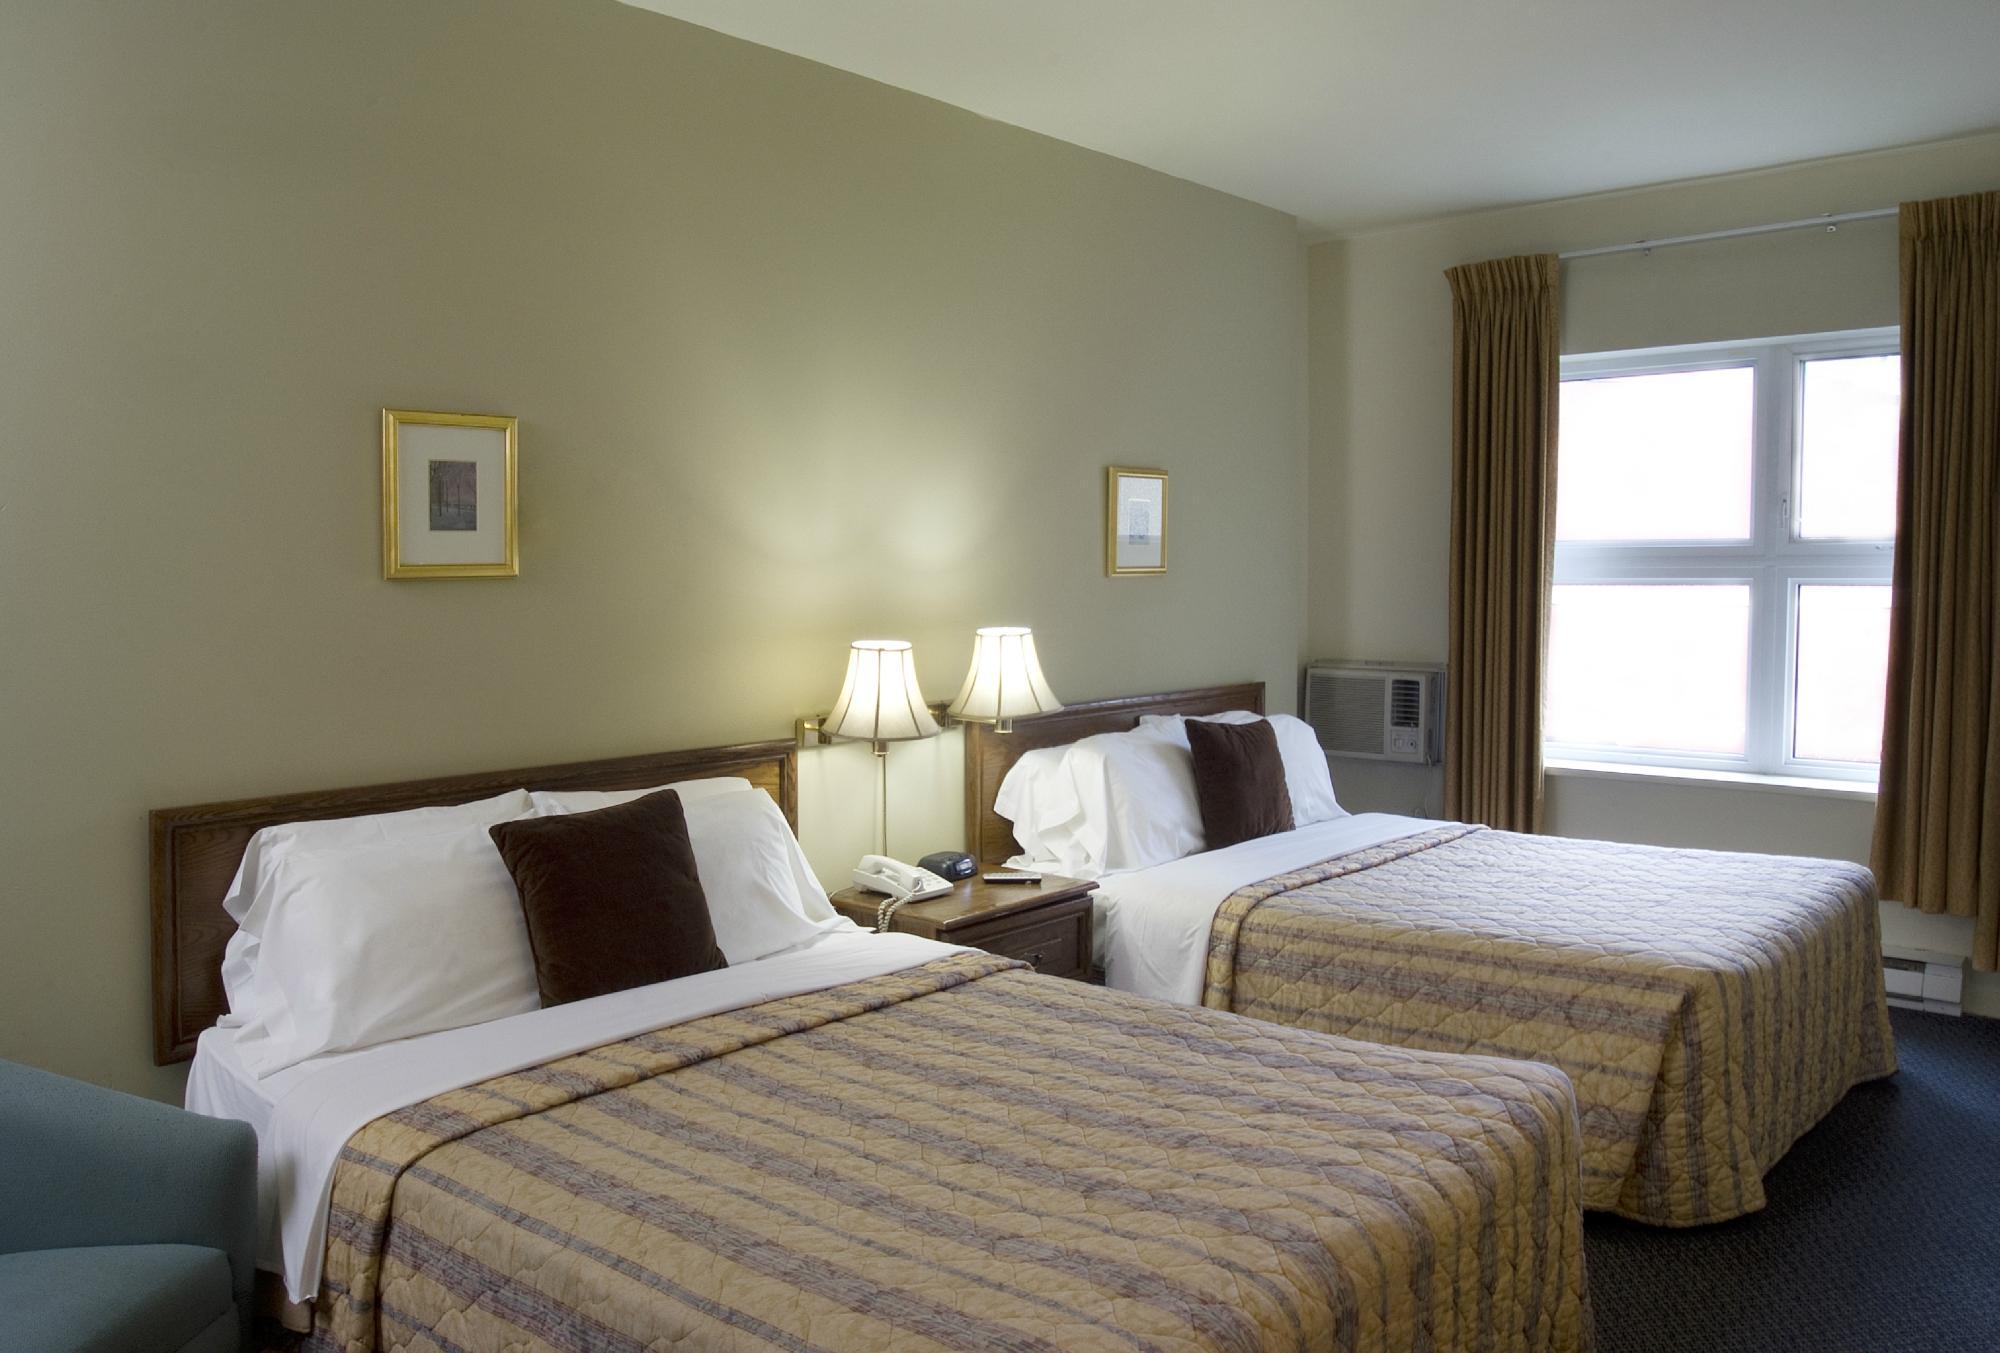 hotel-du-nord-8.jpg